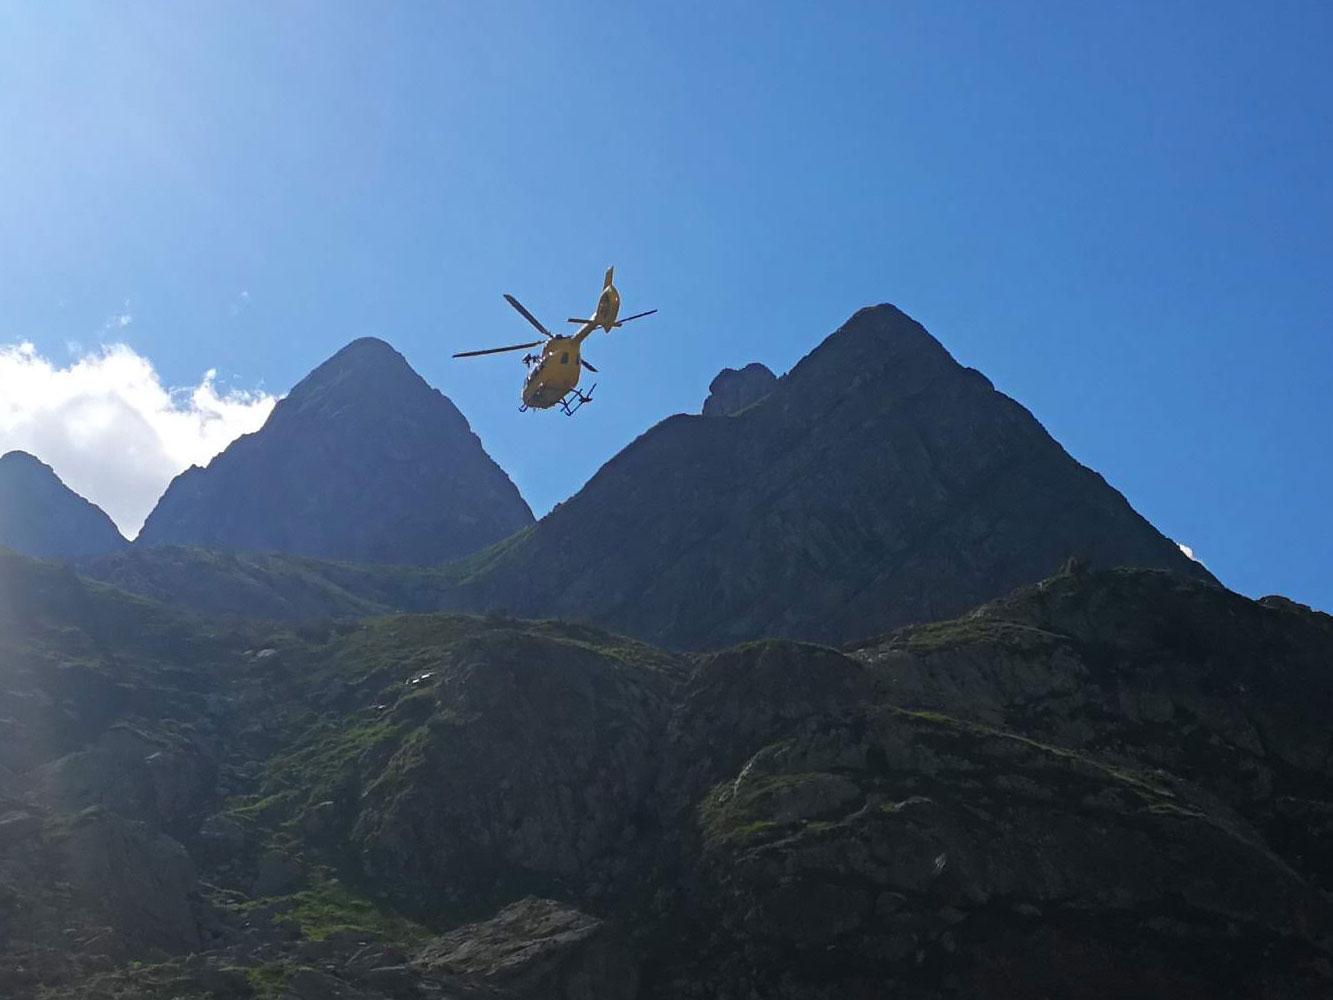 come-chiedere-soccorso-in-montagna